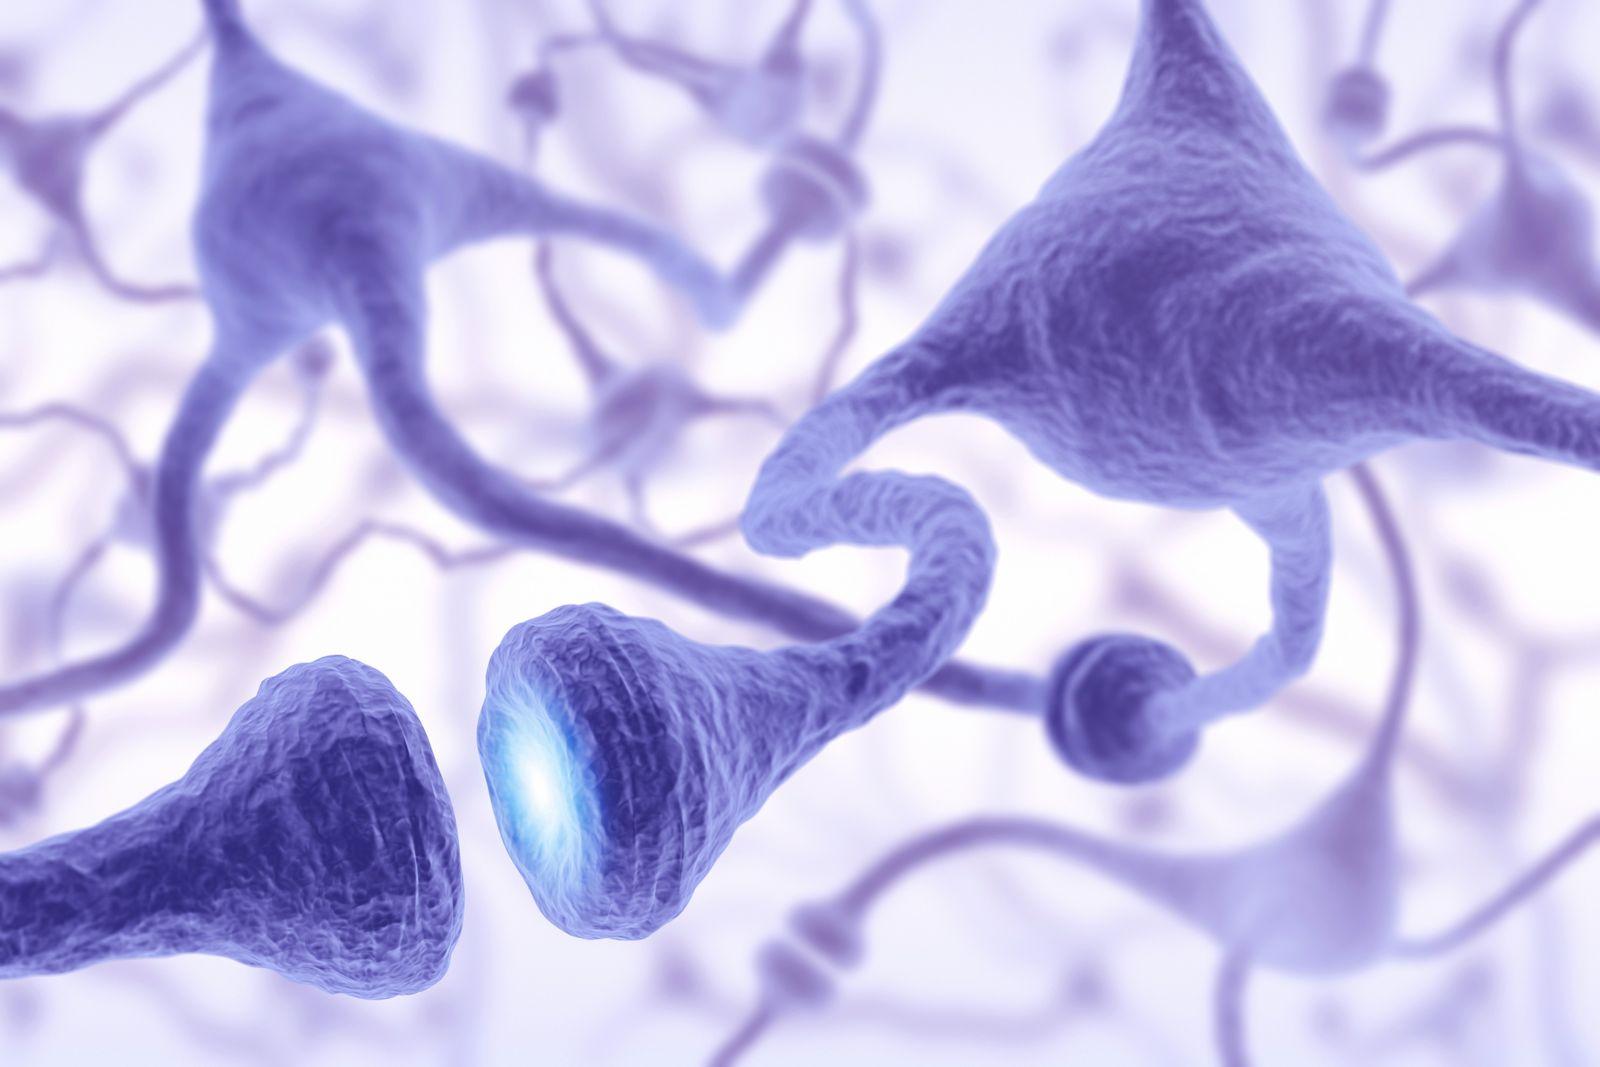 NICHT MEHR VERWENDEN! - Synapsen